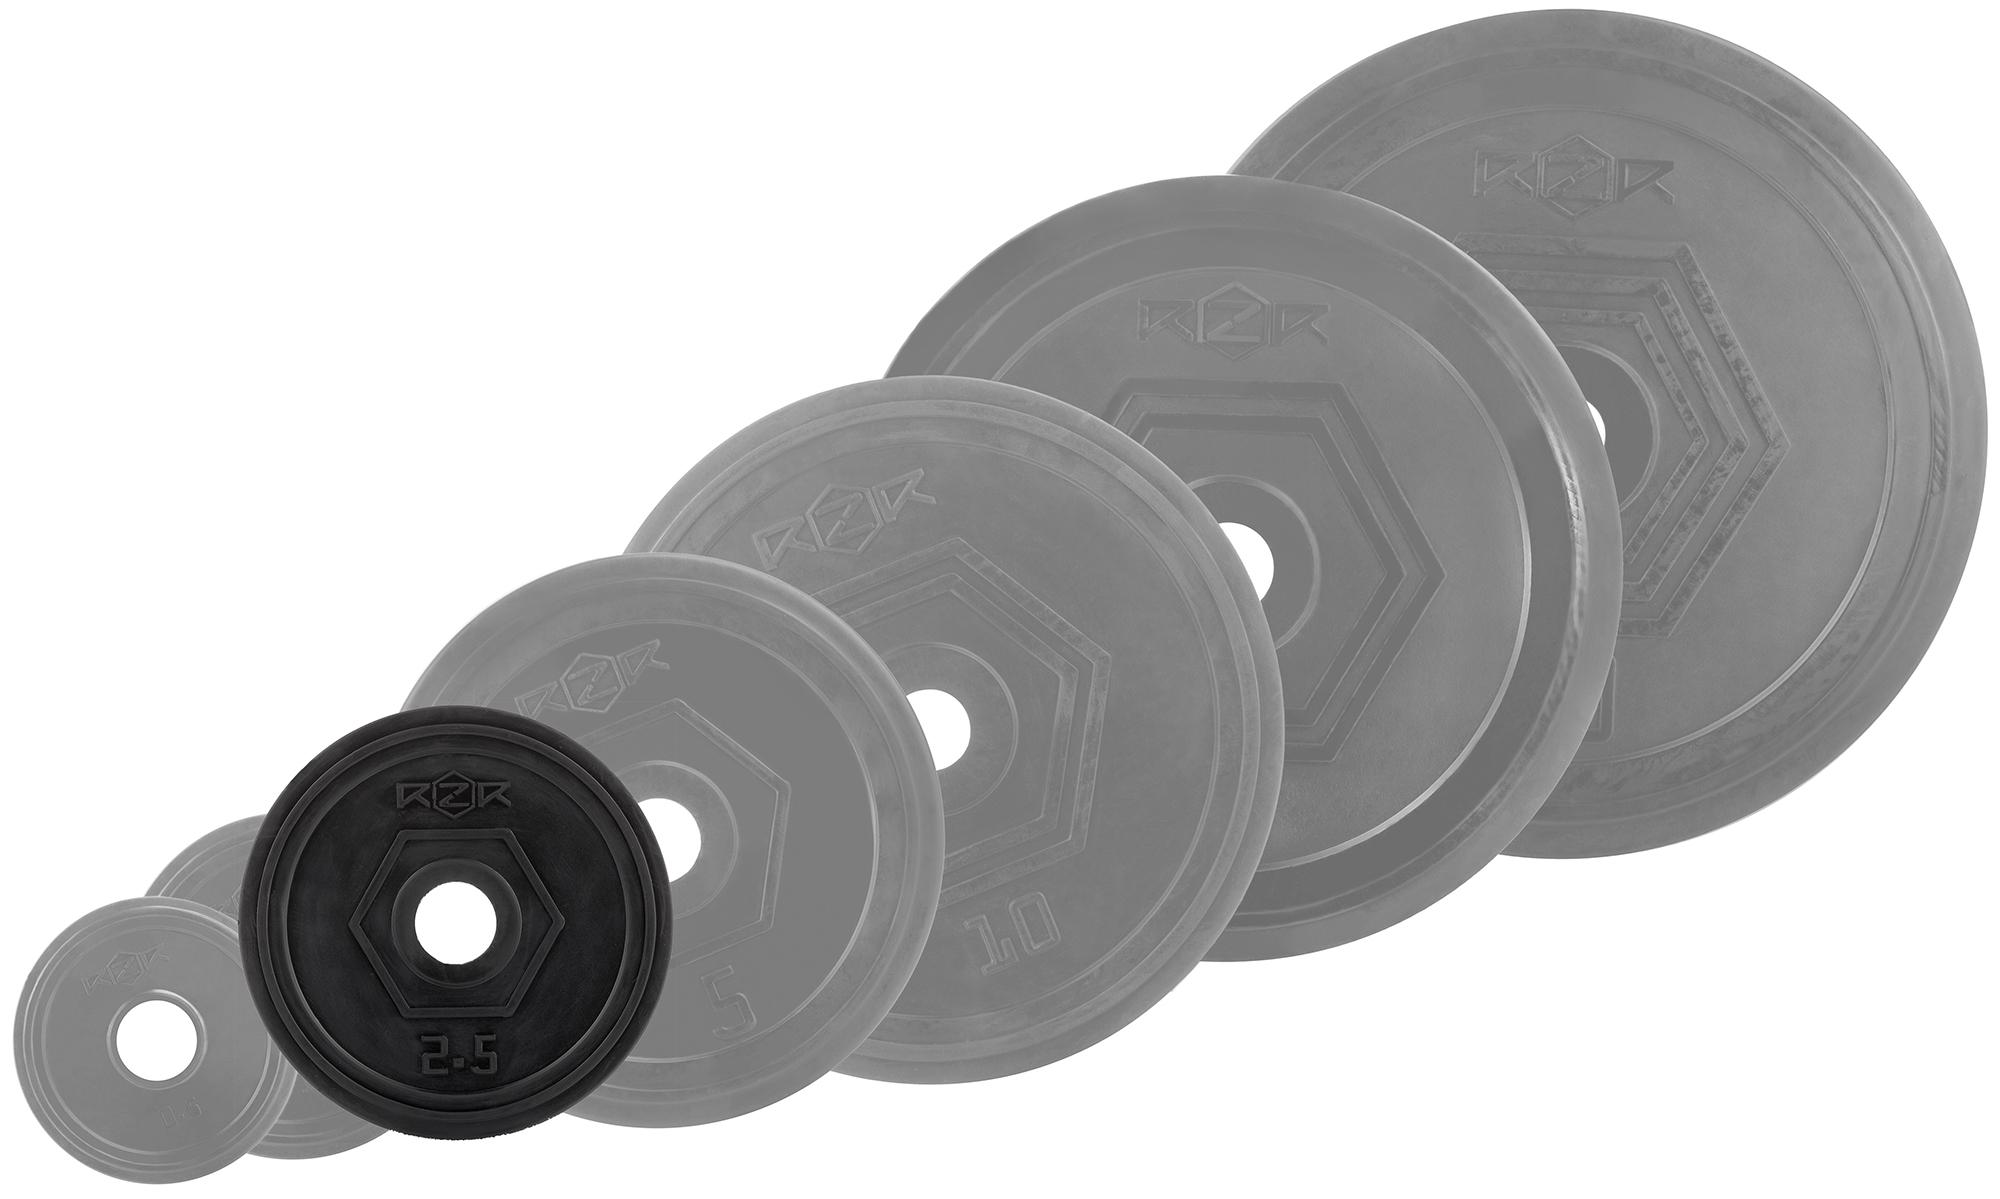 RZR Блин стальной обрезиненный RZR 2,5 кг диск обрезиненный titan 51 мм 5 кг черный